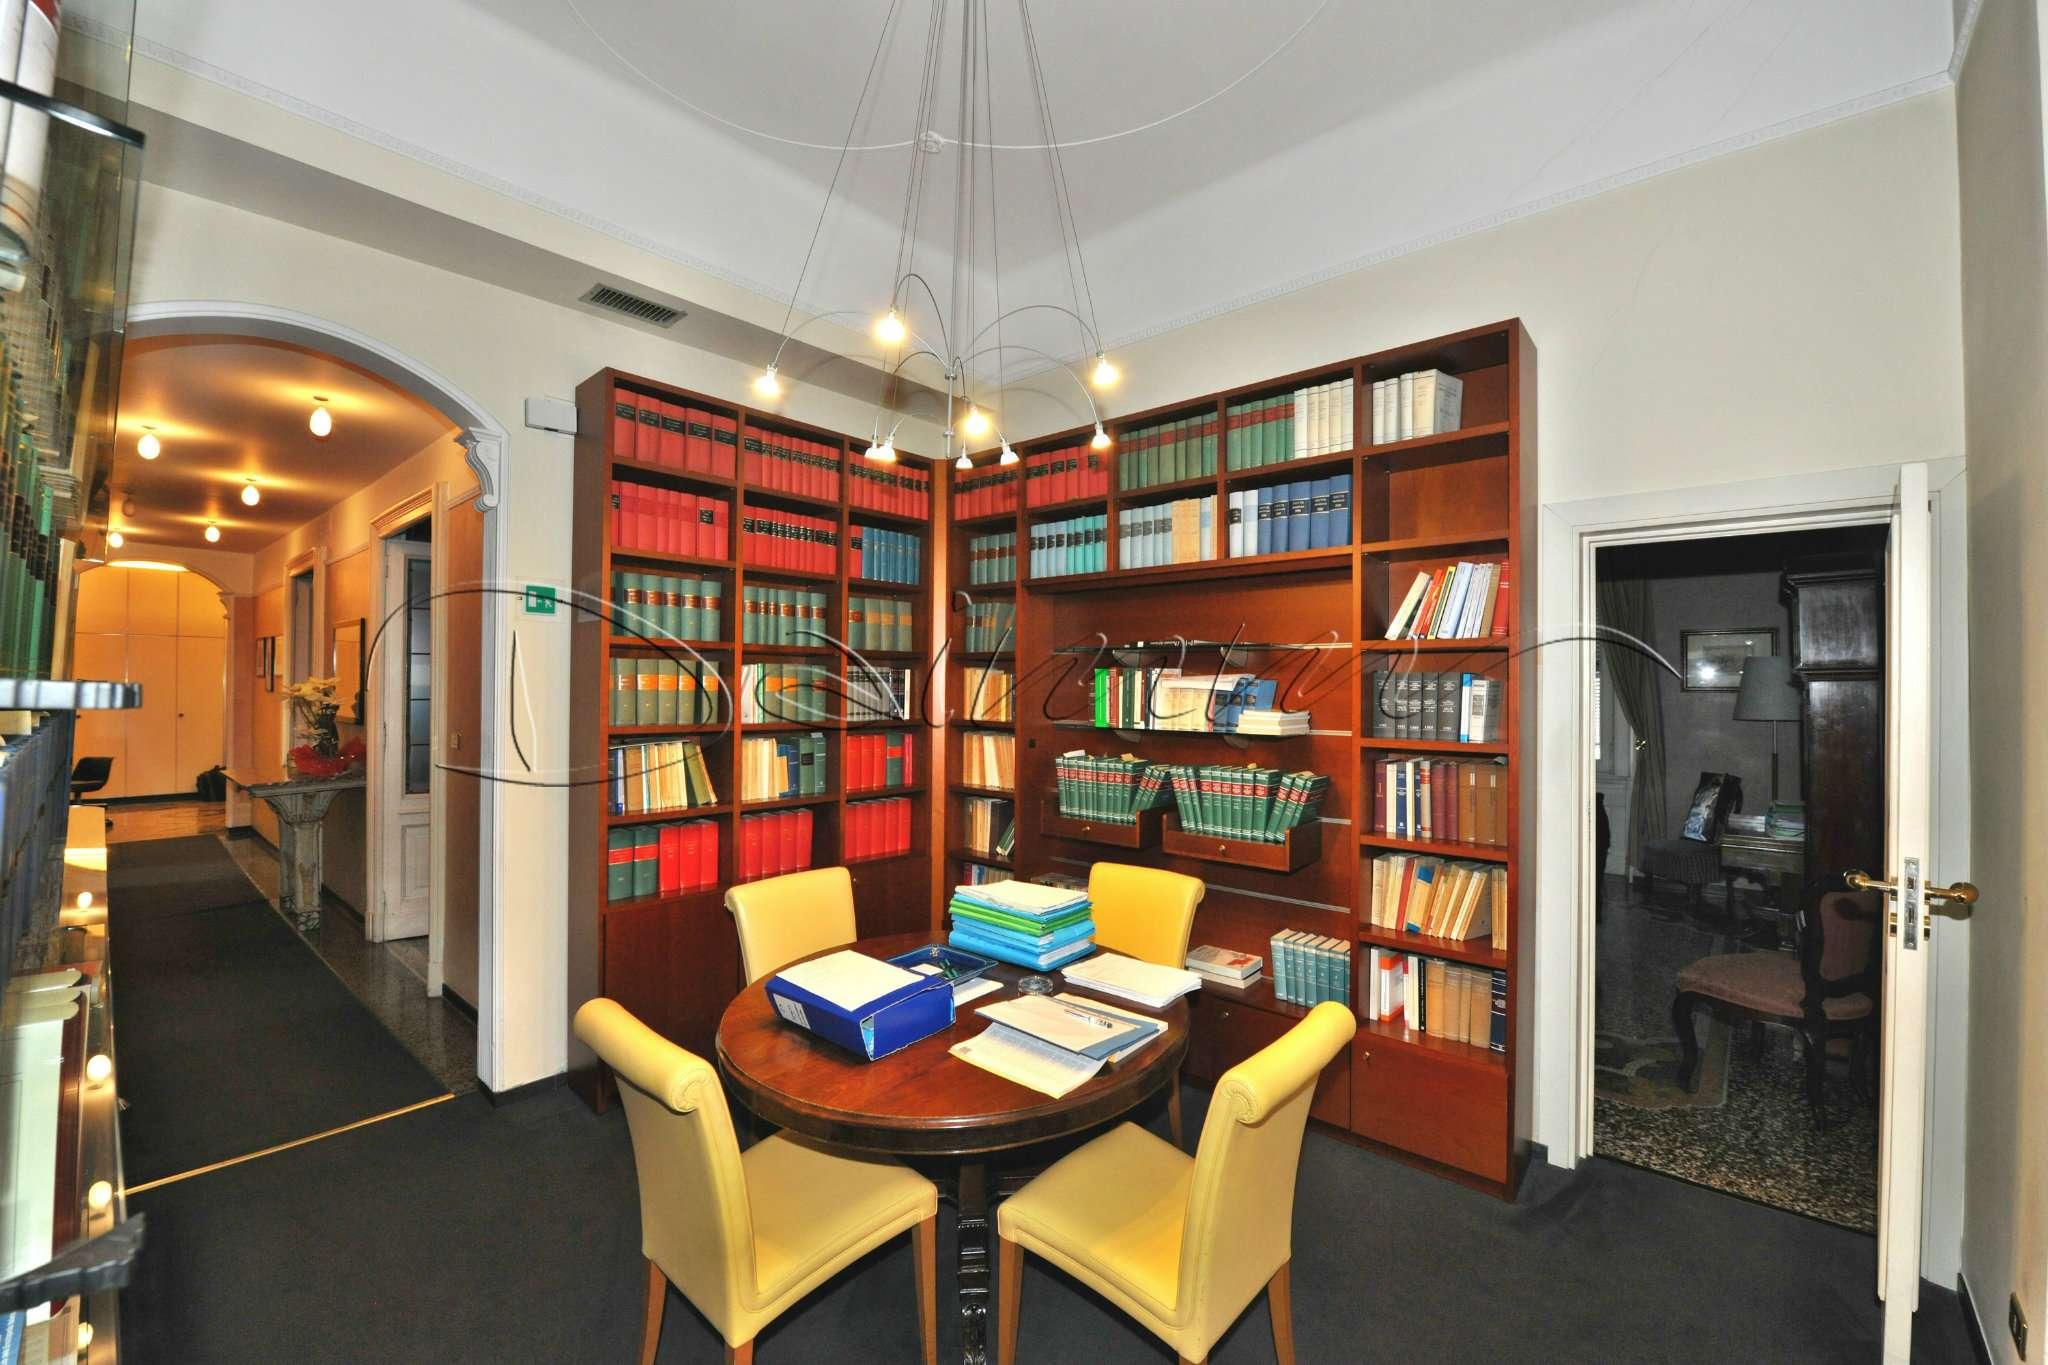 Foto 1 di Appartamento via Via XX Settembre, Genova (zona Centro città)